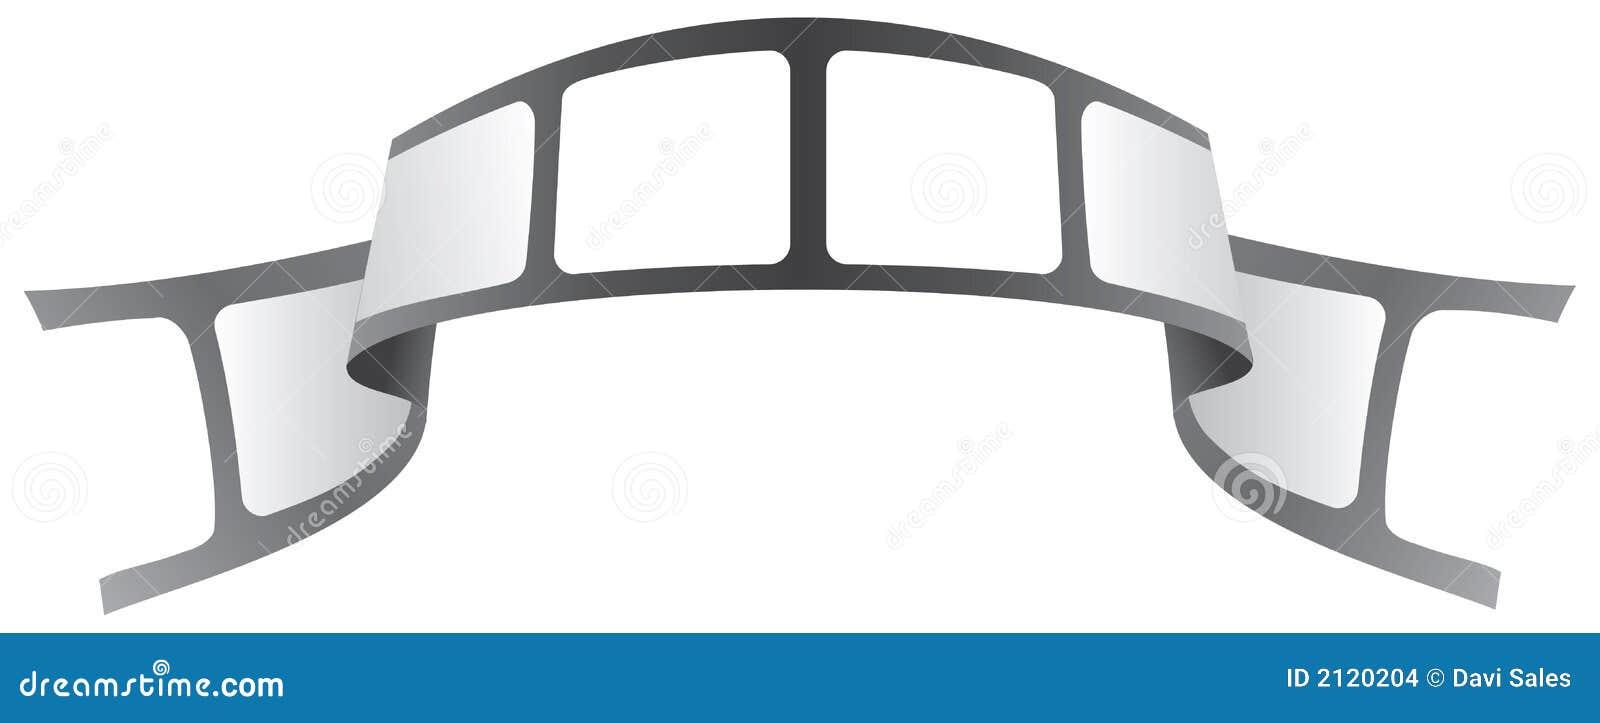 Sujete con cinta adhesiva la insignia